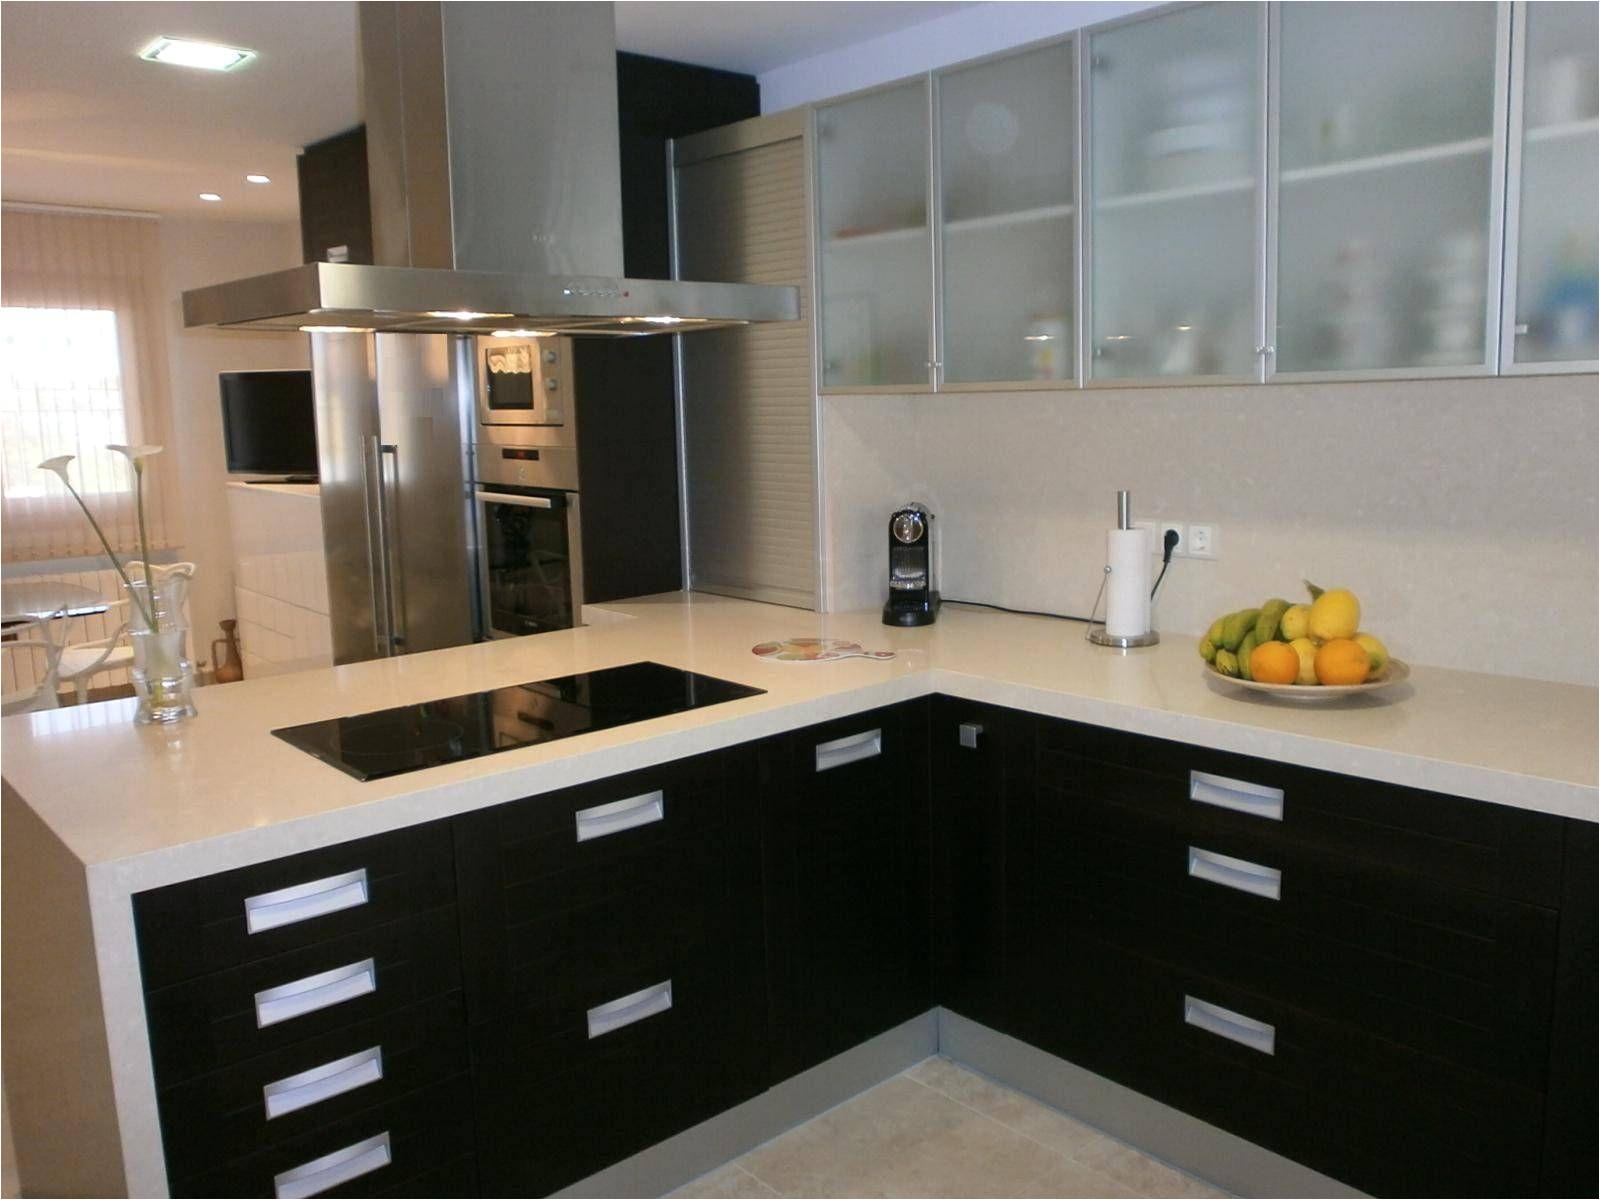 cocinas pequea as modernas fotos fresco fotos el mas eficaz coleccia n disea os de cocinas